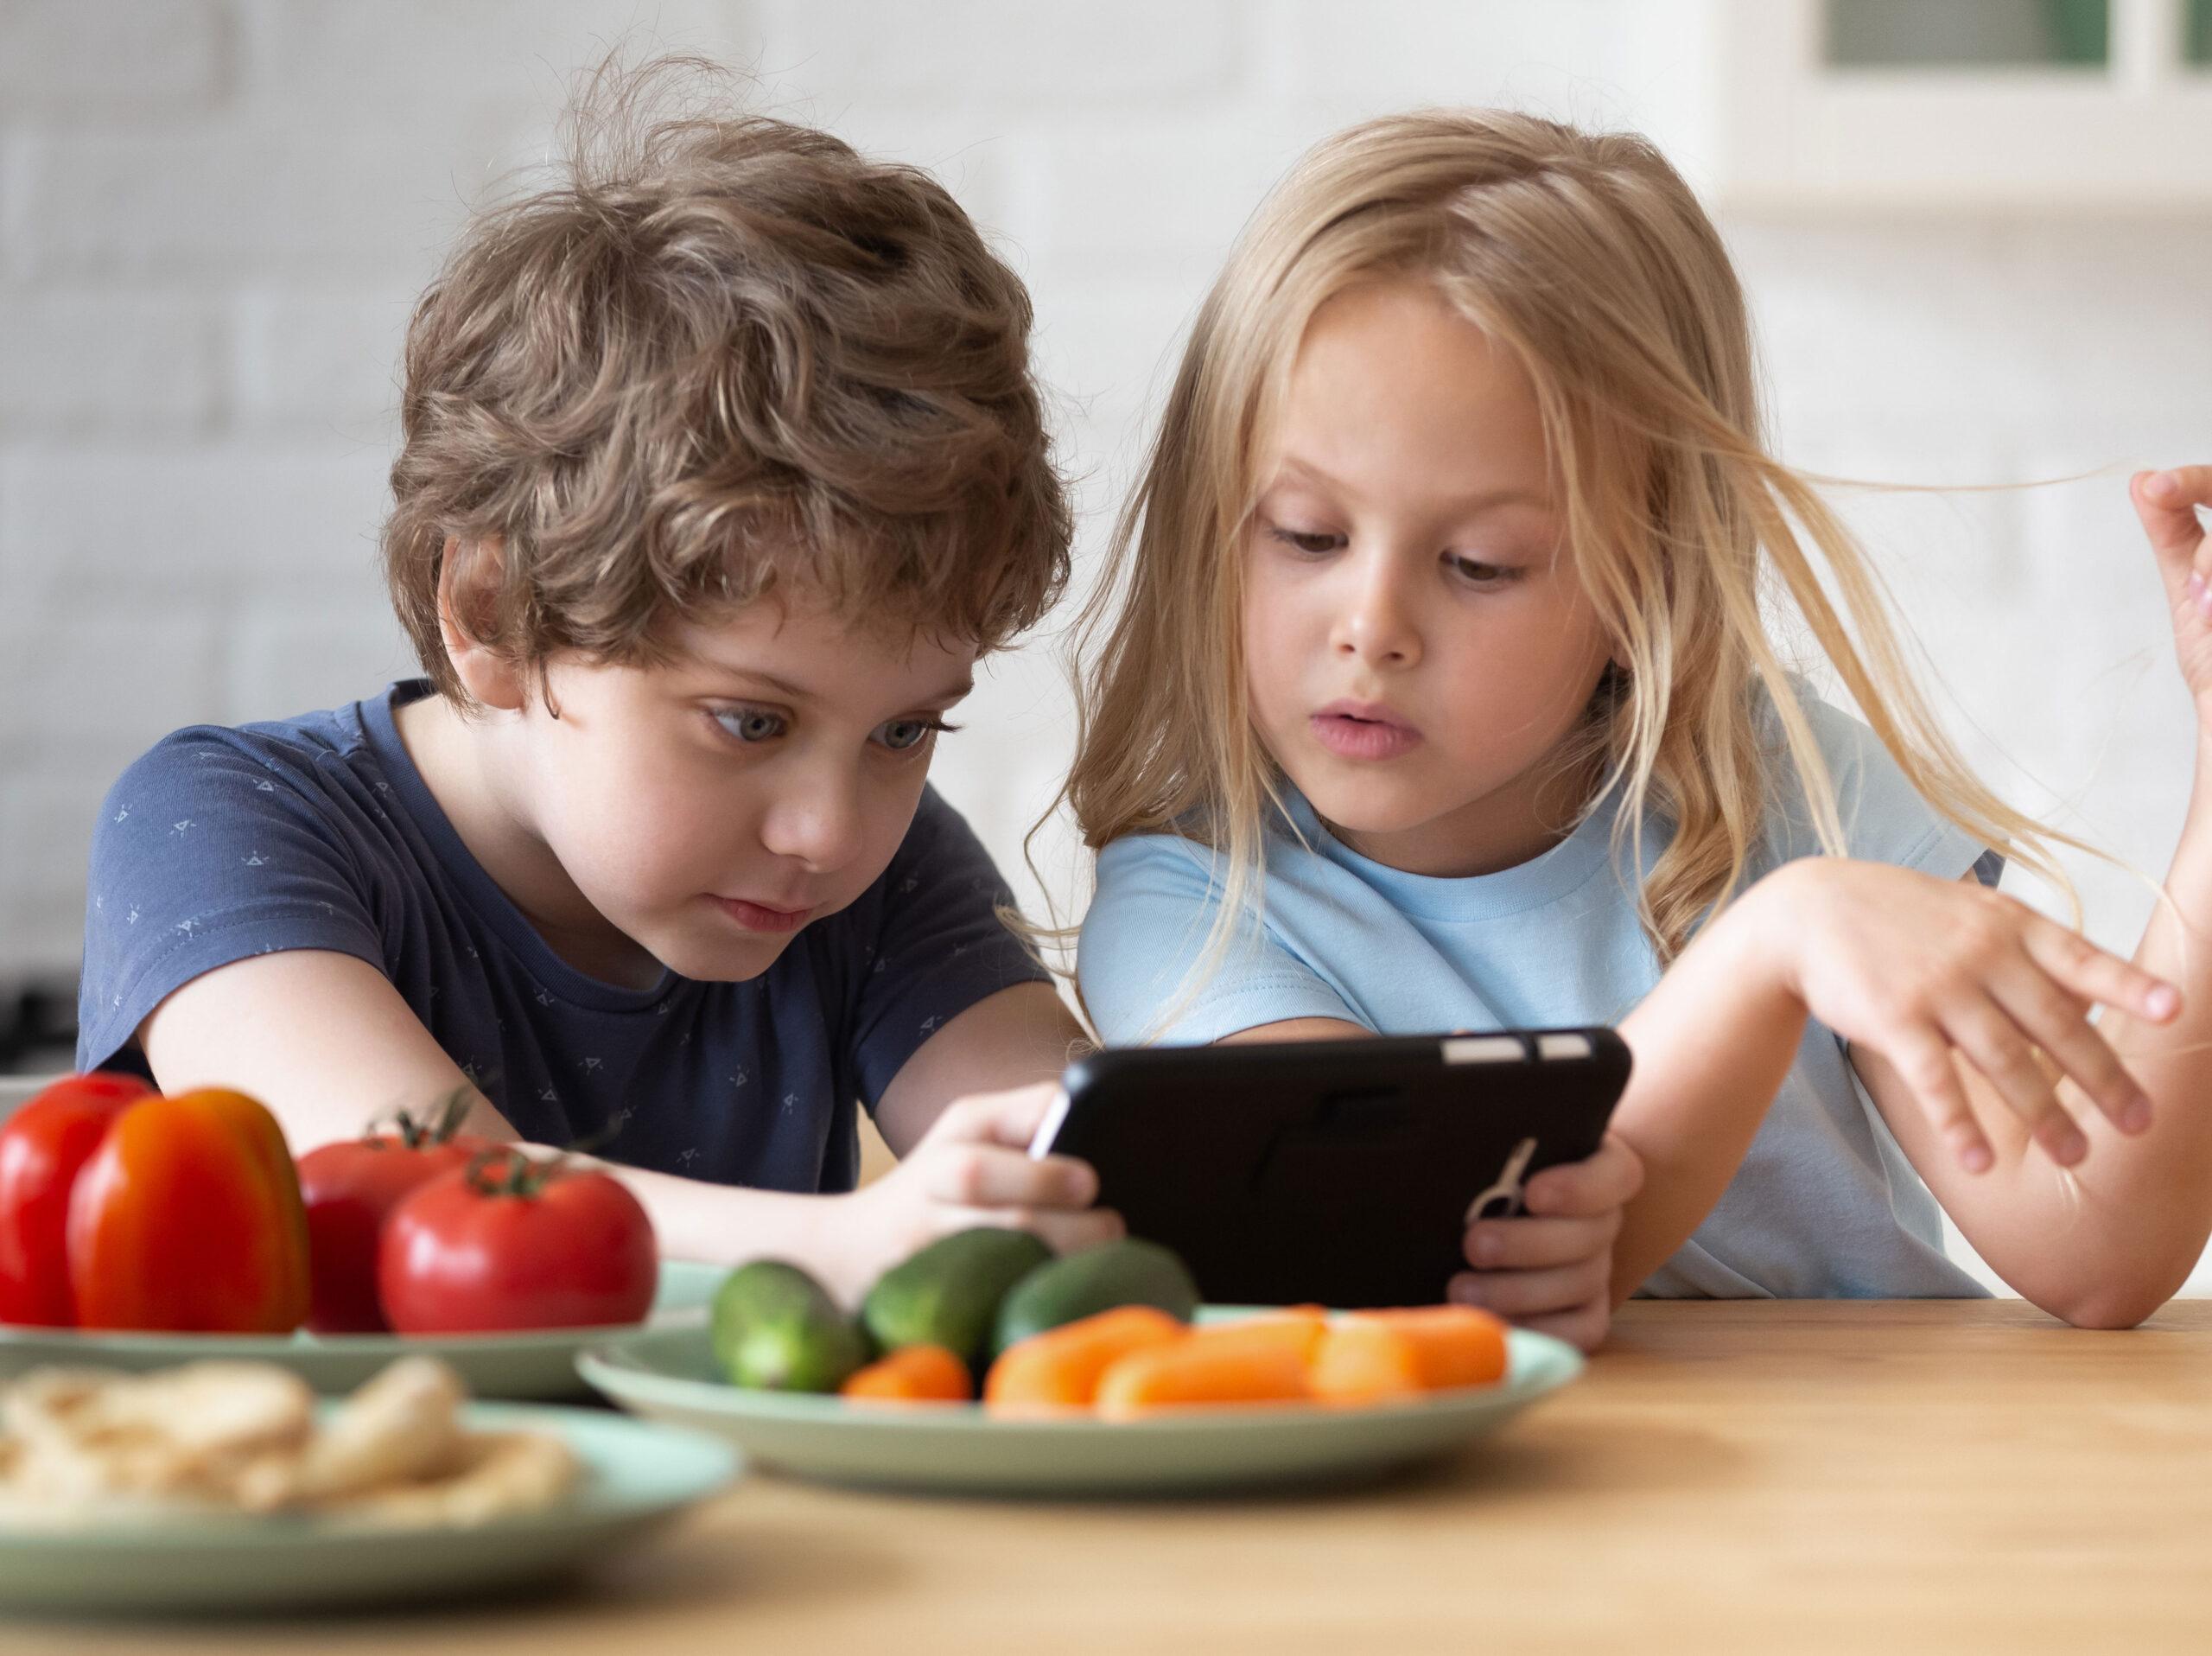 De-la-ce-vârstă-le-facem-cunoștință-copiilor-cu-electronicele-și-gadgeturile